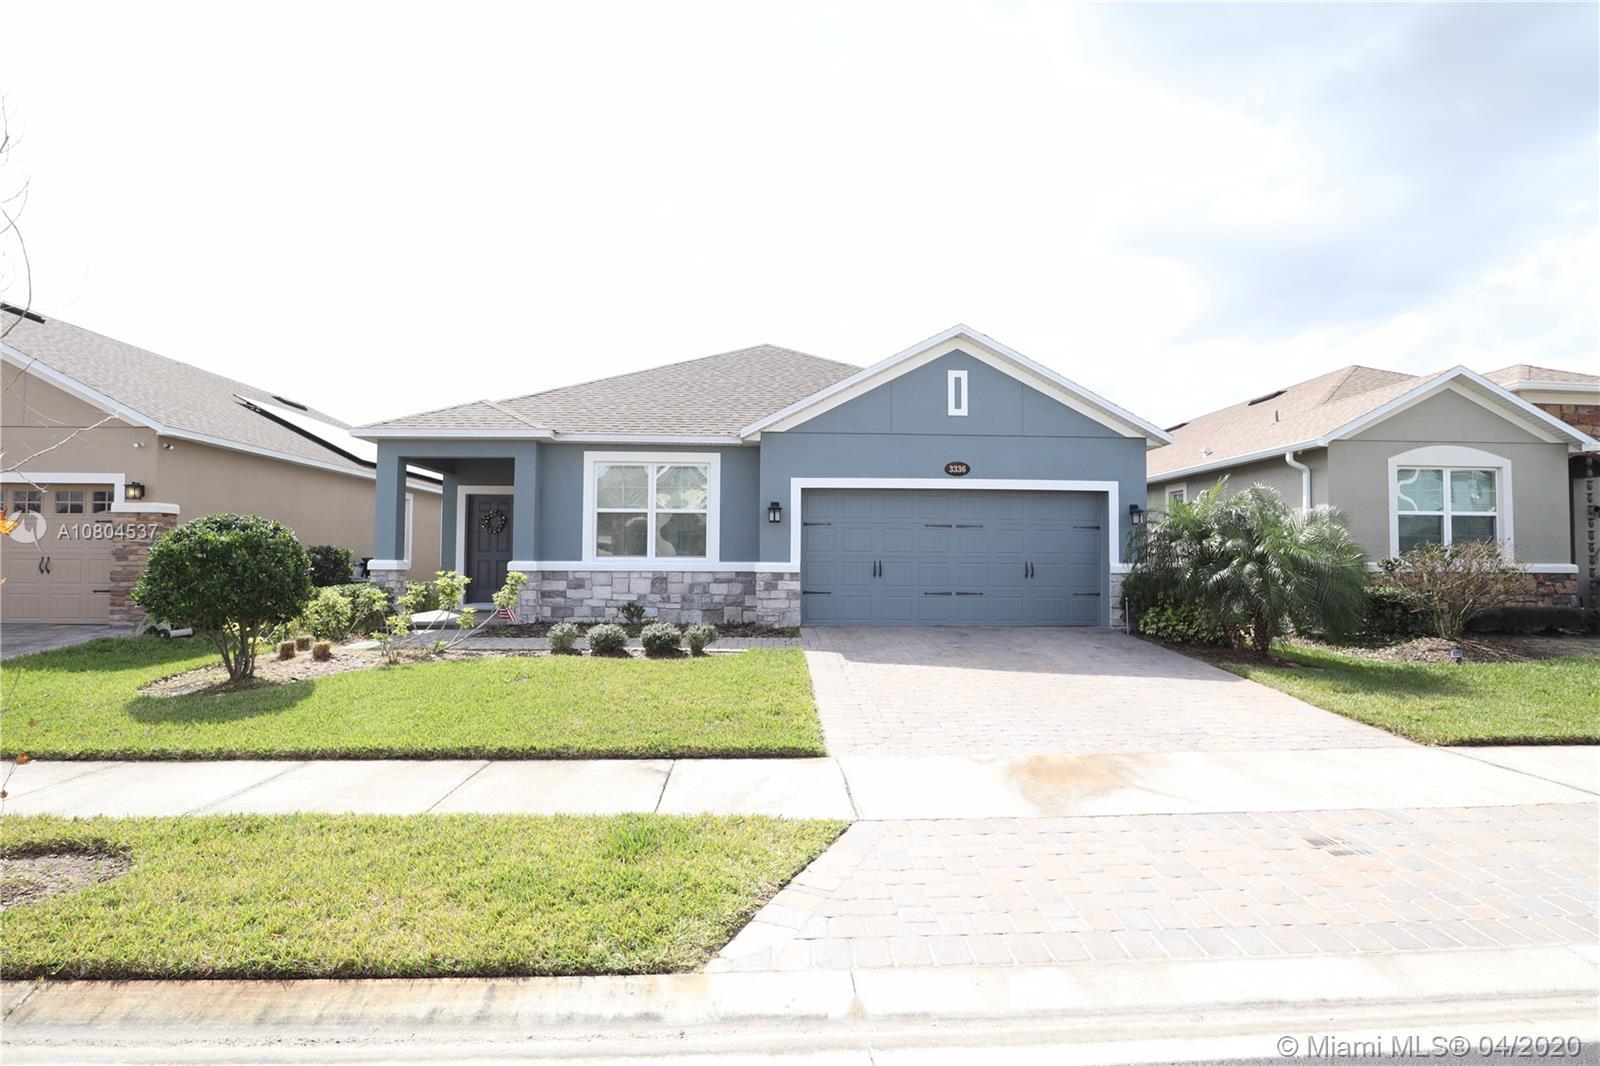 3336 Forton Drive, Orlando, FL 32824